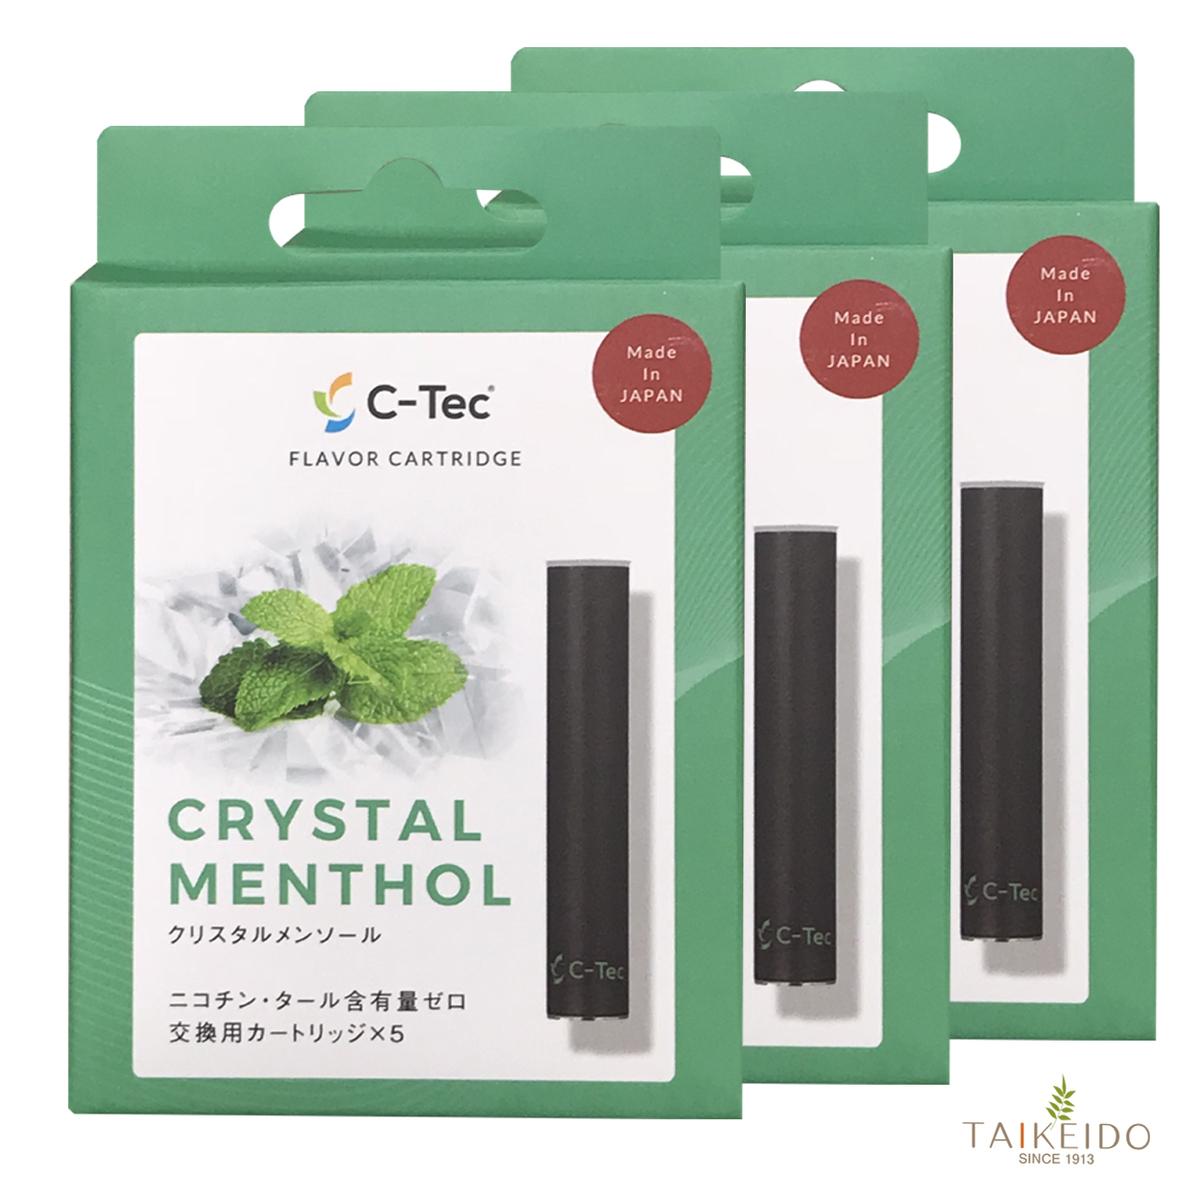 シーテック 3個セット カートリッジ 交換用 クリスタルメンソール 電子タバコ 送料無料 c-tec duo ニコチン0 タール0 副流煙0 ビタミン 成分配合 vape ベイプ